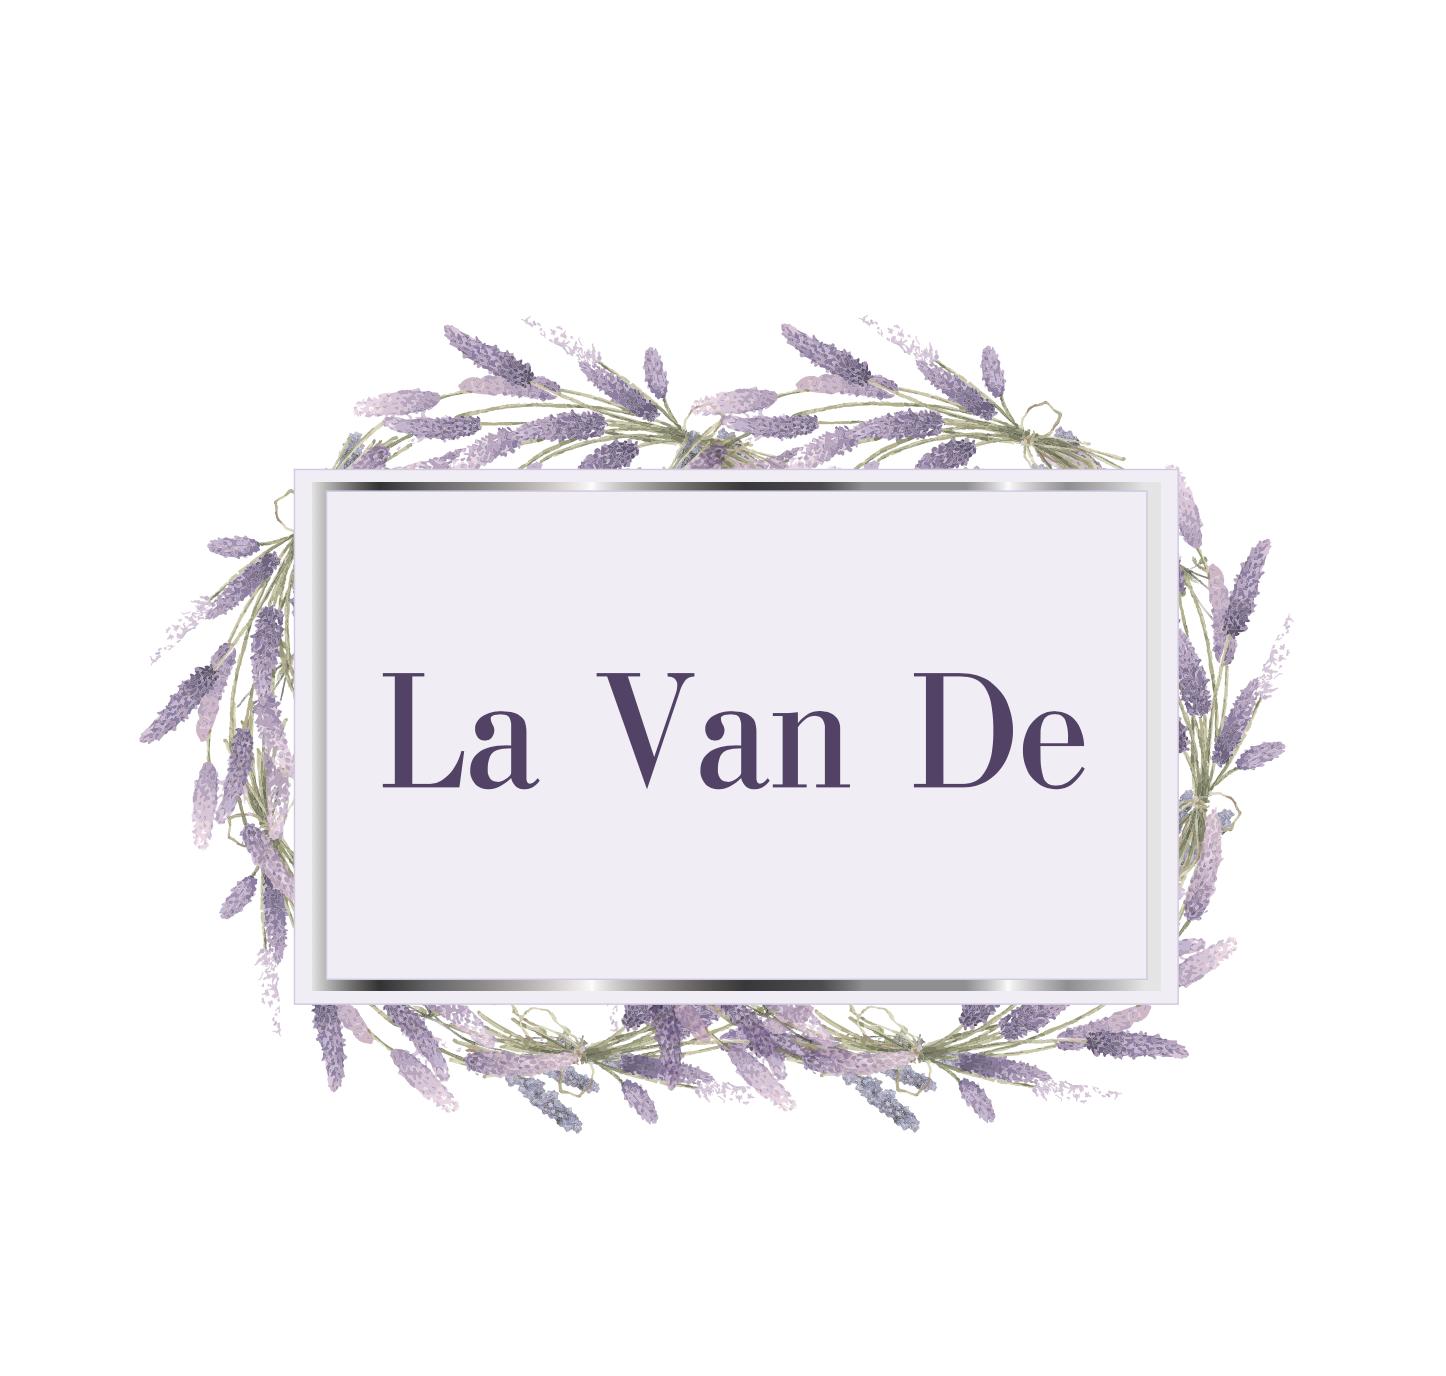 La Van De